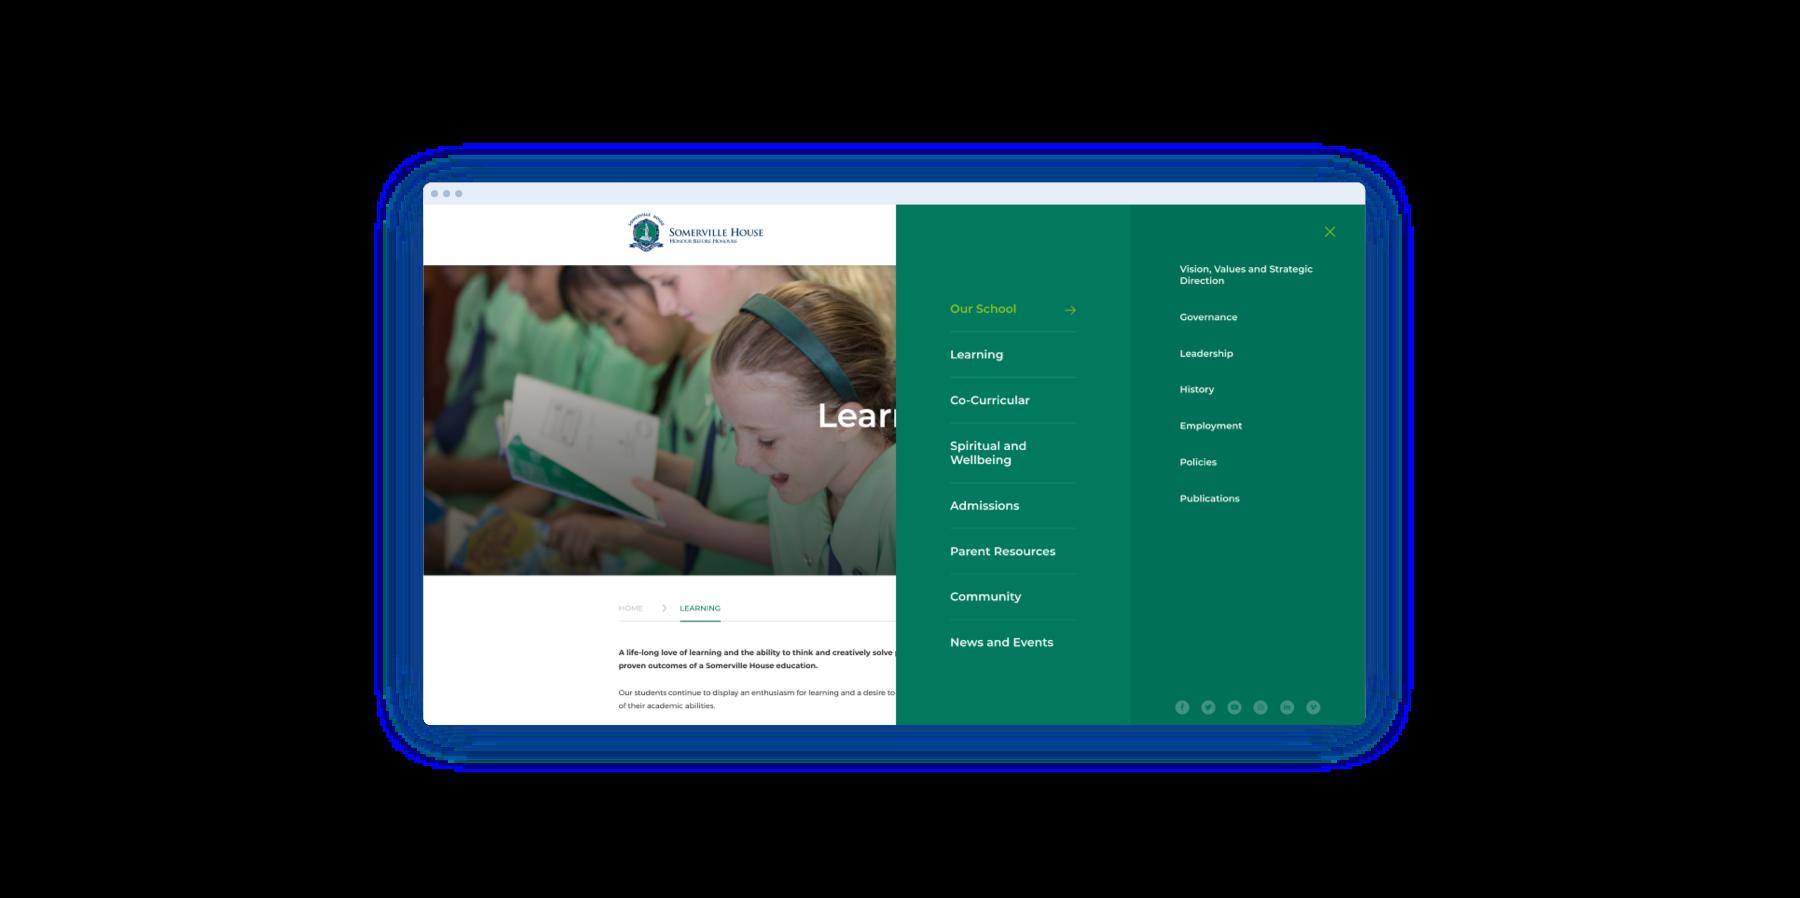 Image: Somerville House school website